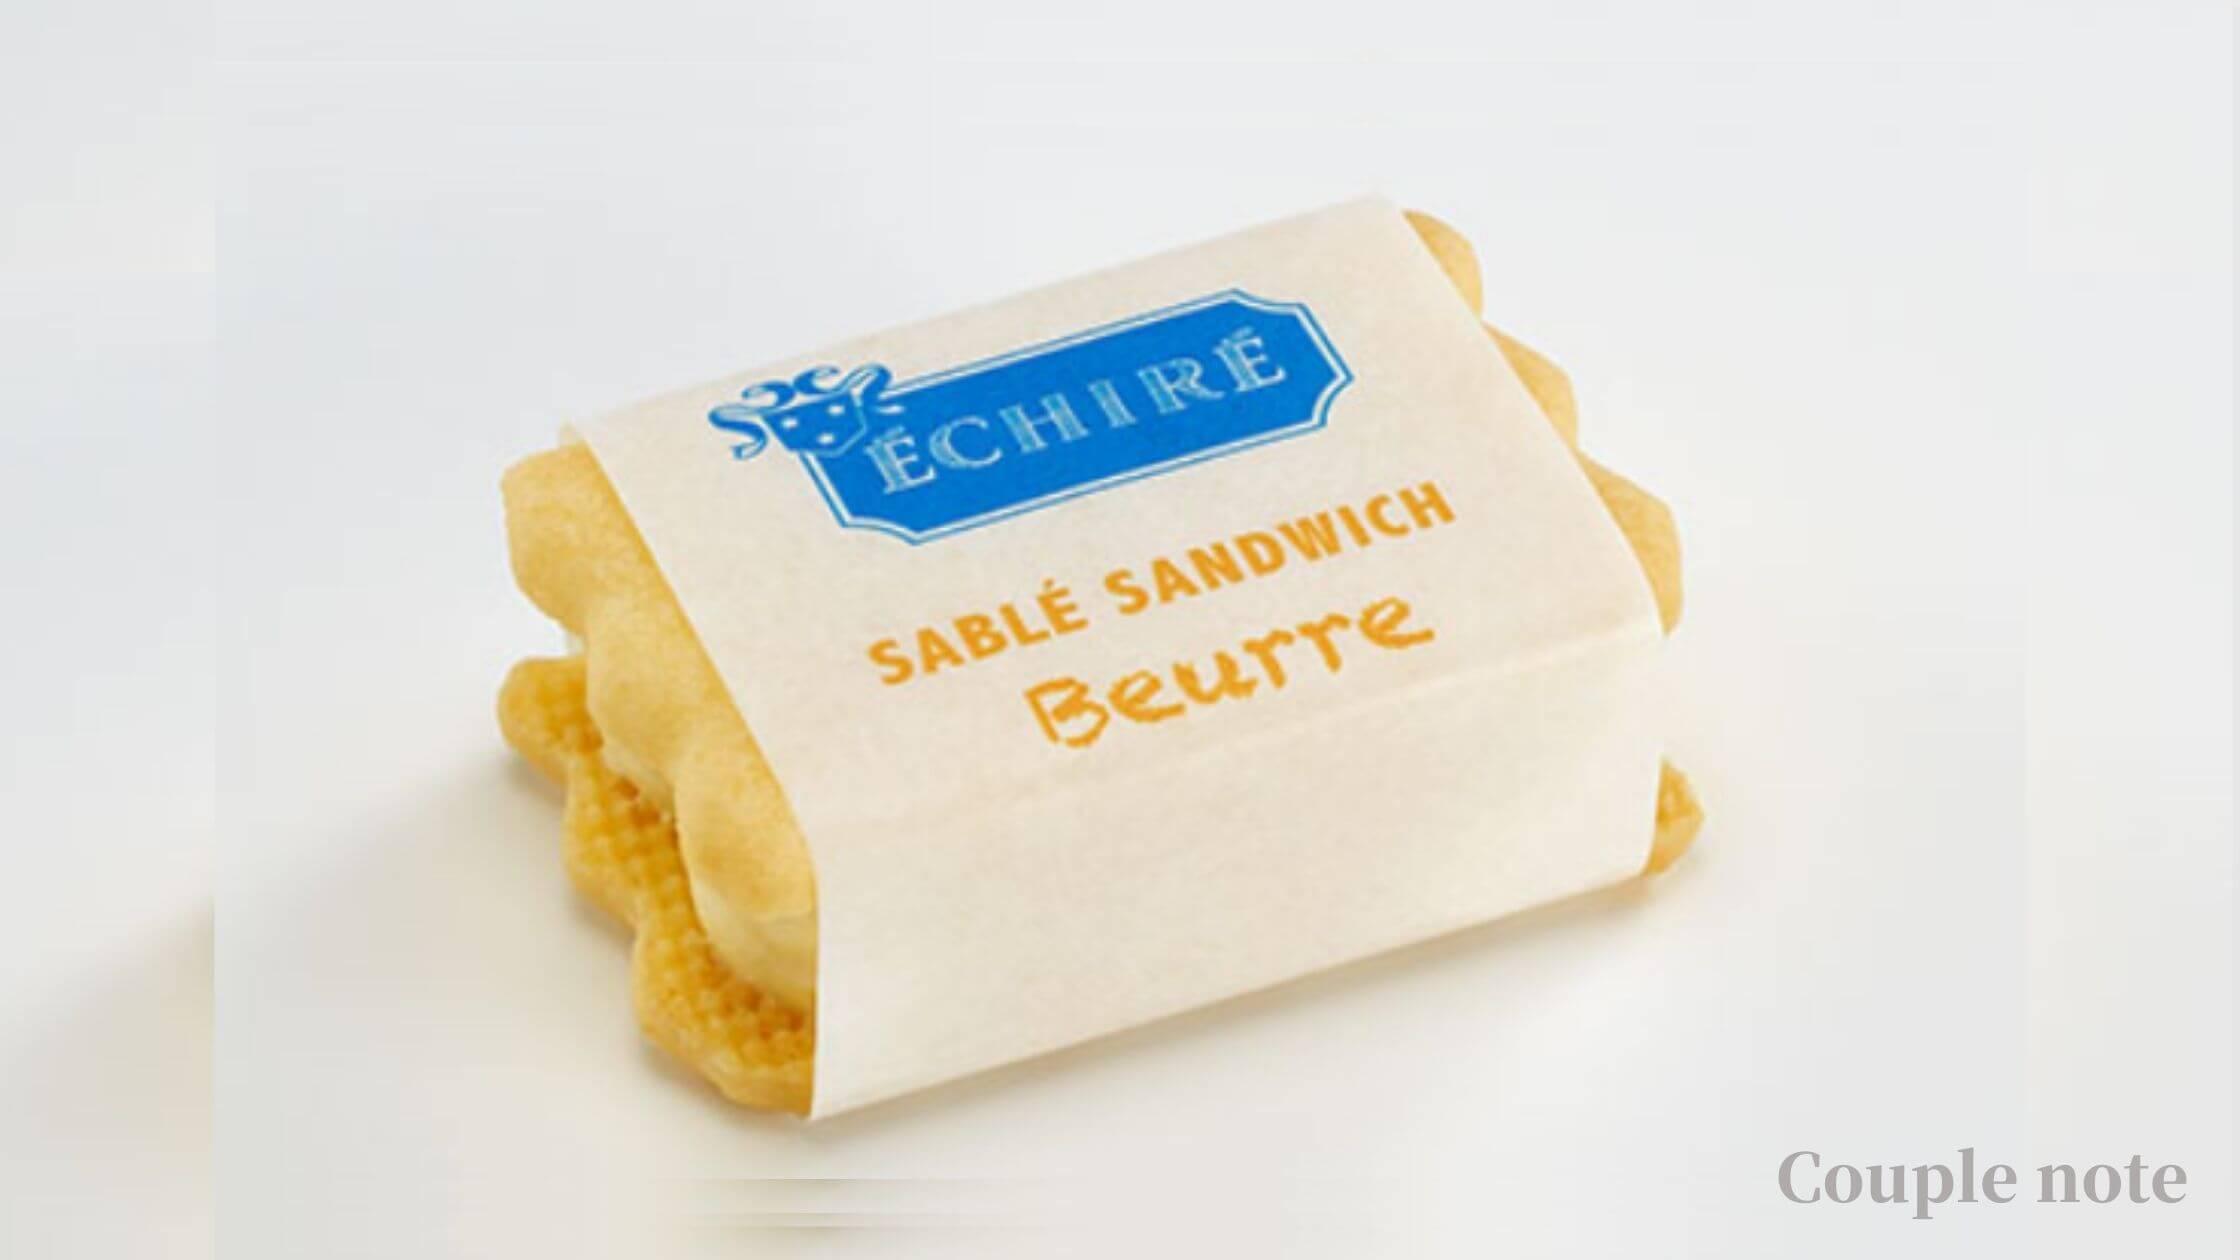 【口コミ】エシレのバターサンドをレビュー!カロリーや日持ち期間も解説